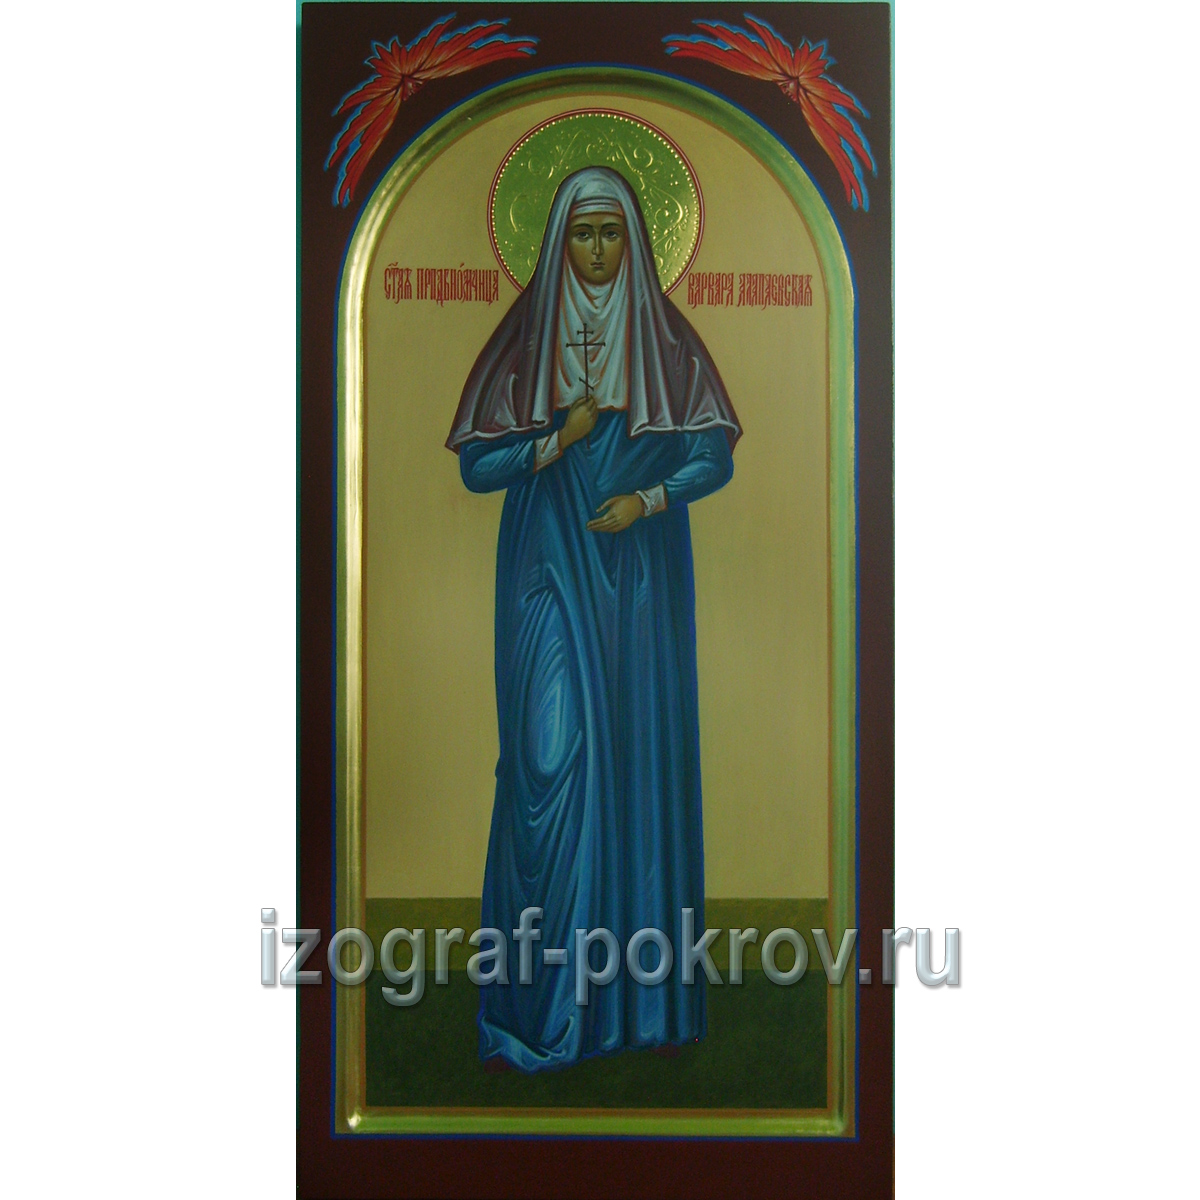 Рукописная икона преподобномученица Варвара Алапаевская , написанная под заказ в иконописной мастерской Покров при храме Покрова Пресвятой Богородицы